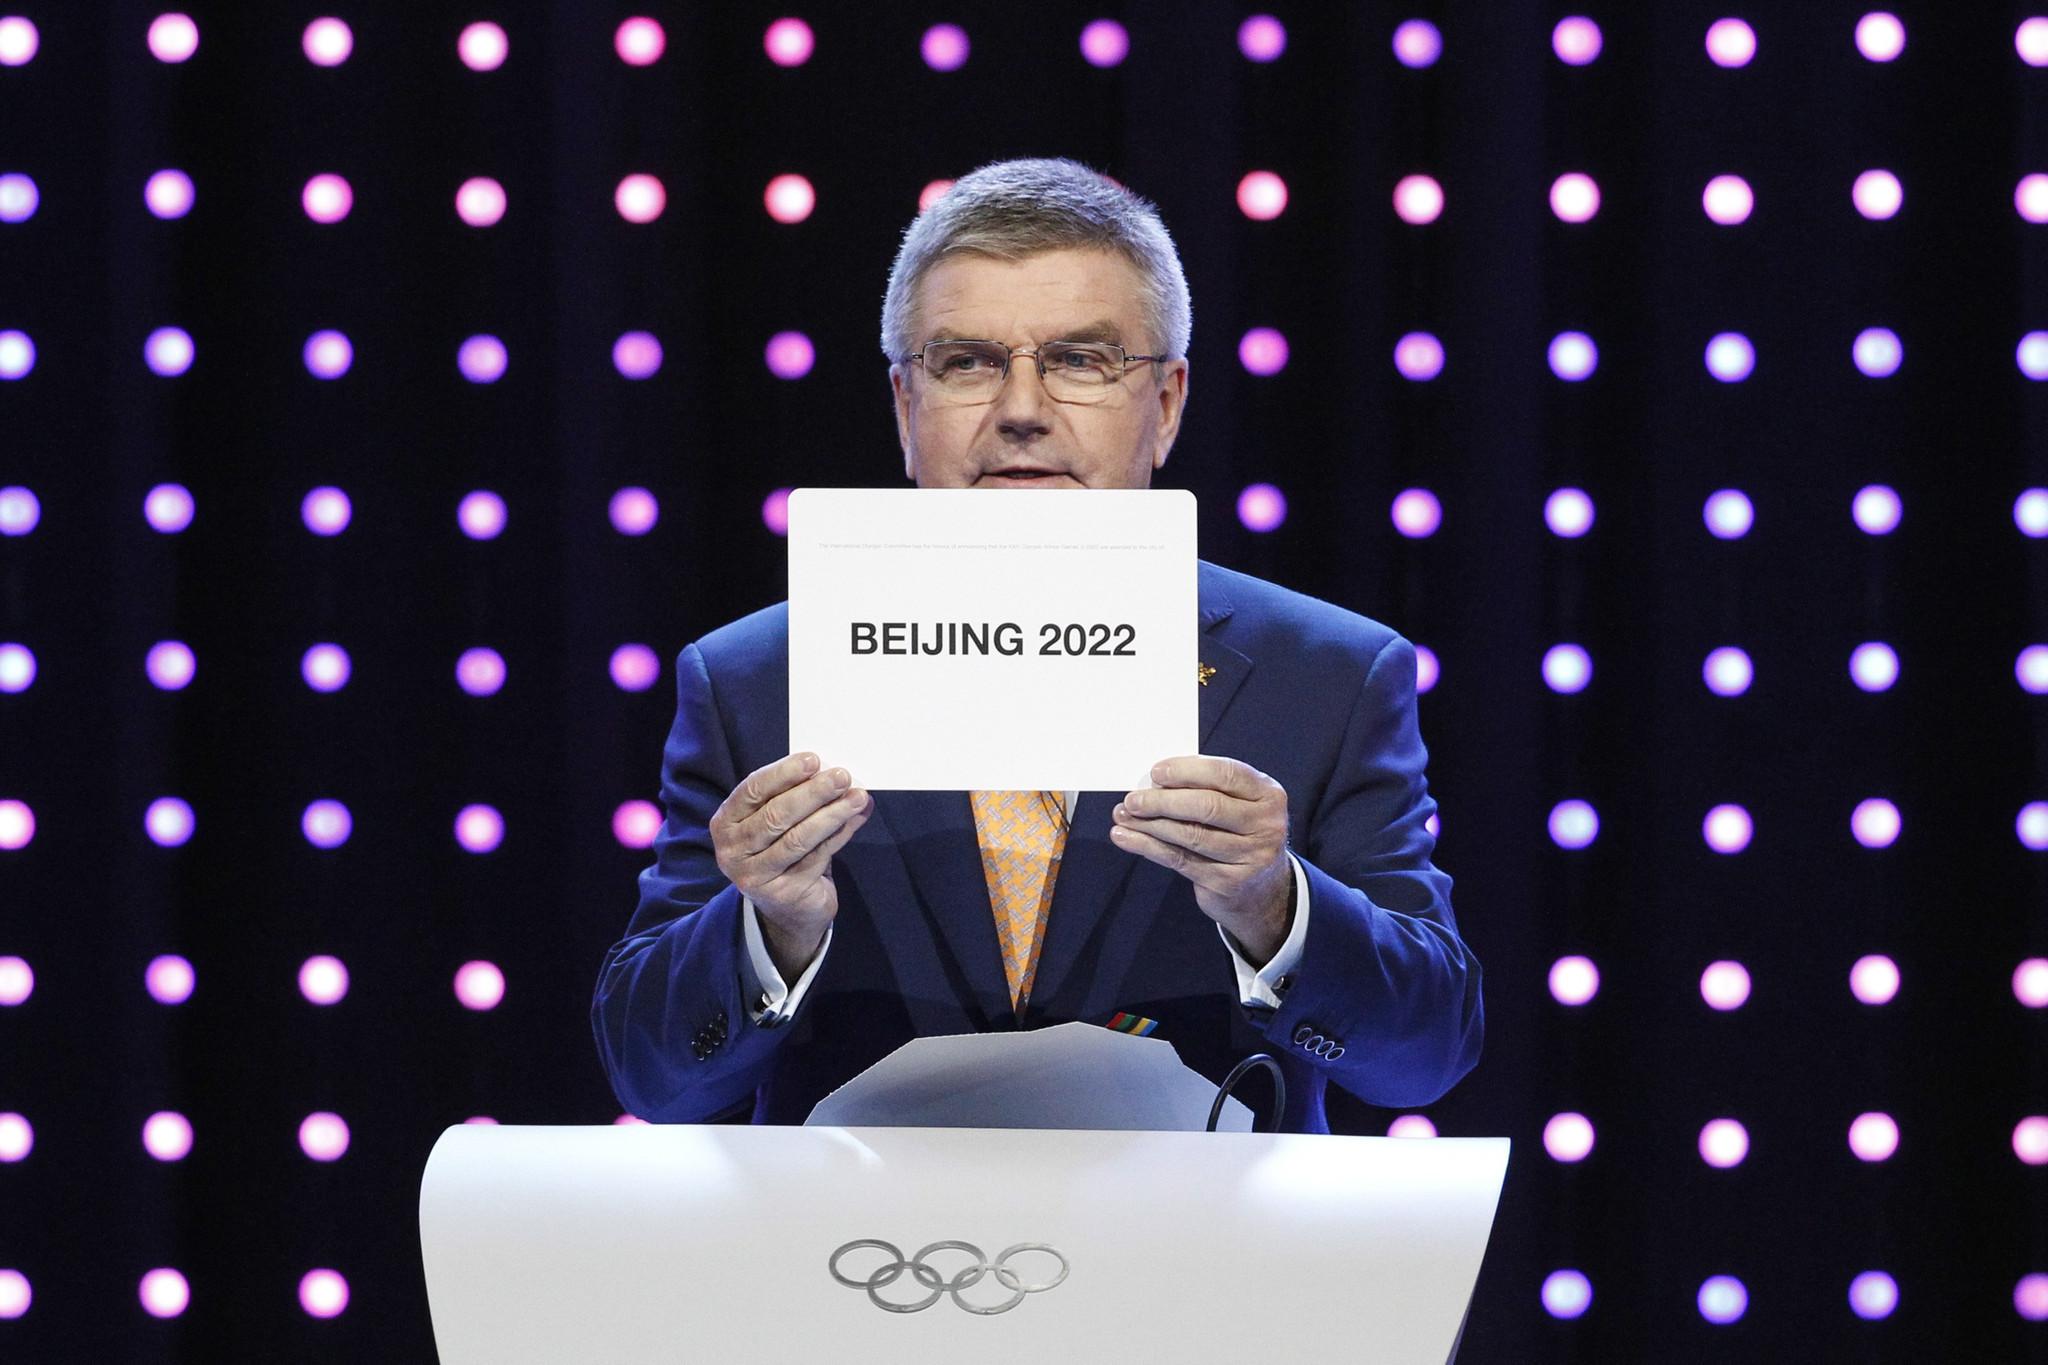 зимние и летние олимпийские игры виды спорта